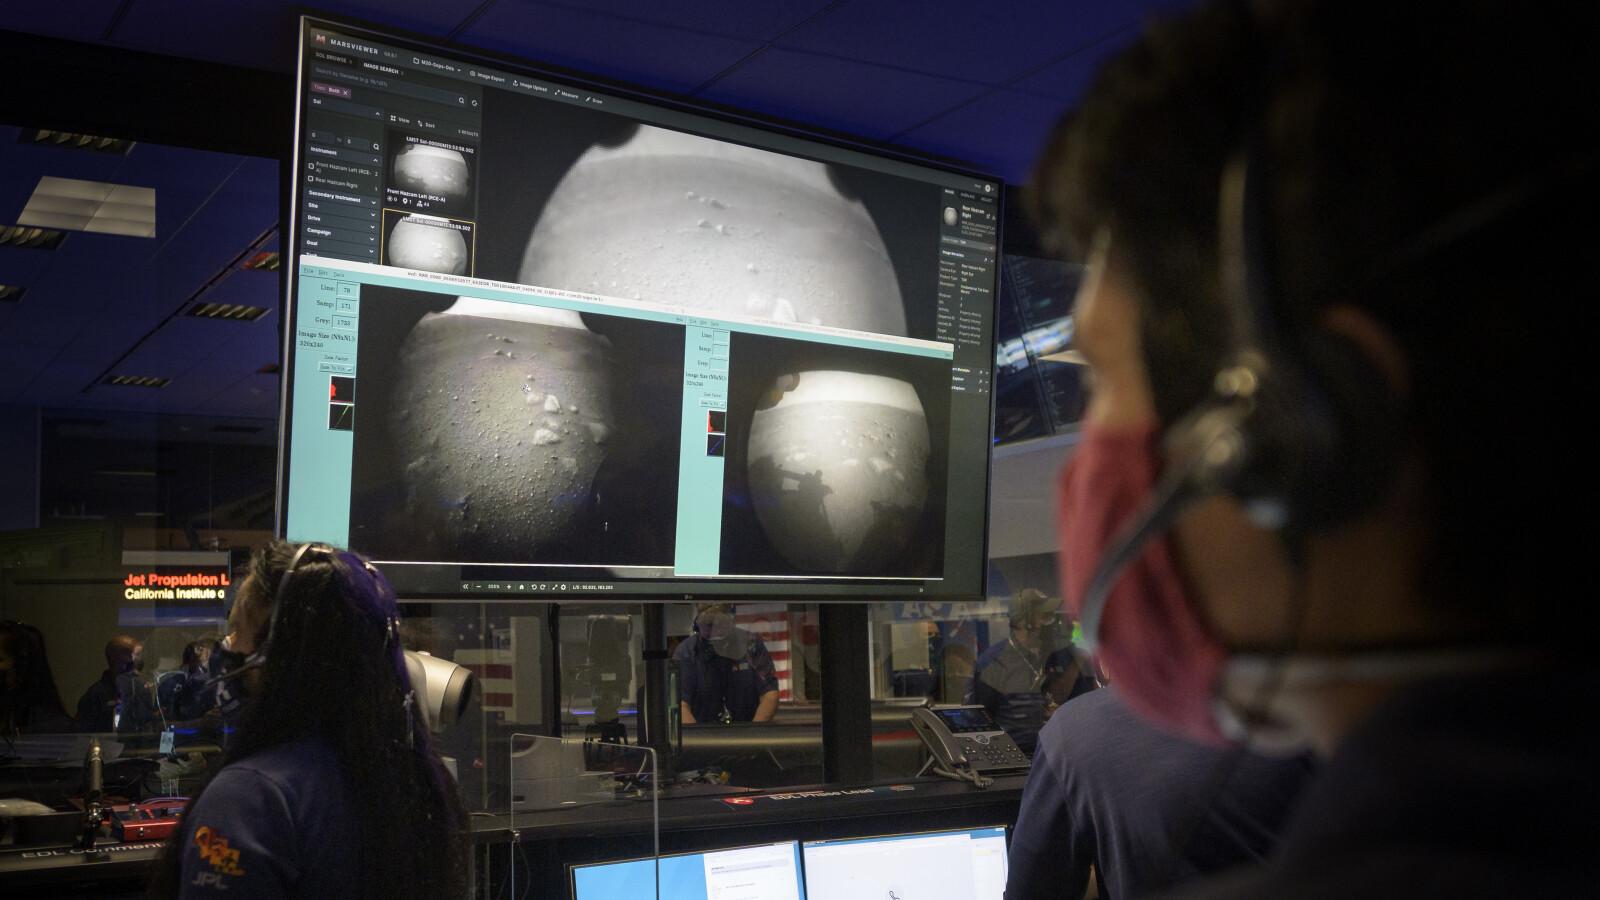 So klingt der Mars: NASA veröffentlicht Tonaufnahme - NETZWELT